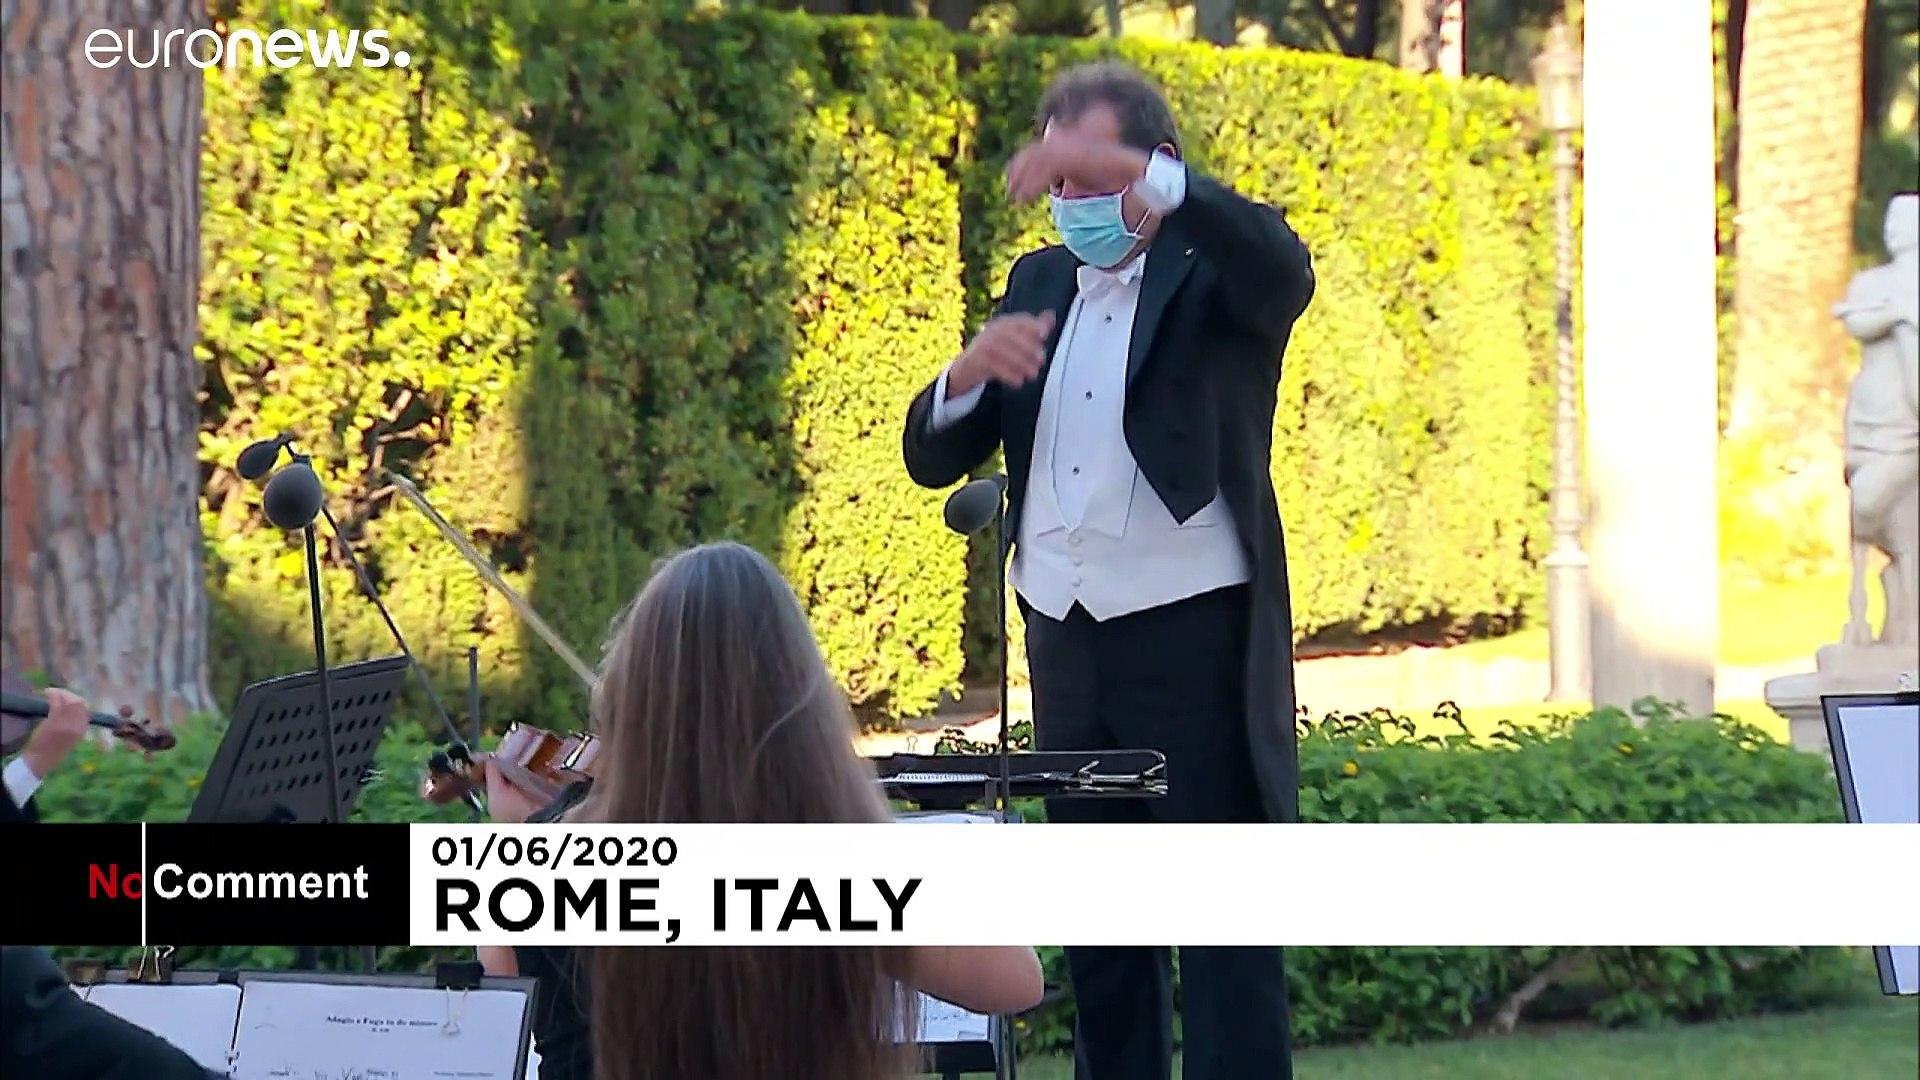 شاهد.. حفل موسيقي في إيطاليا على أرواح ضحايا فيروس كورونا